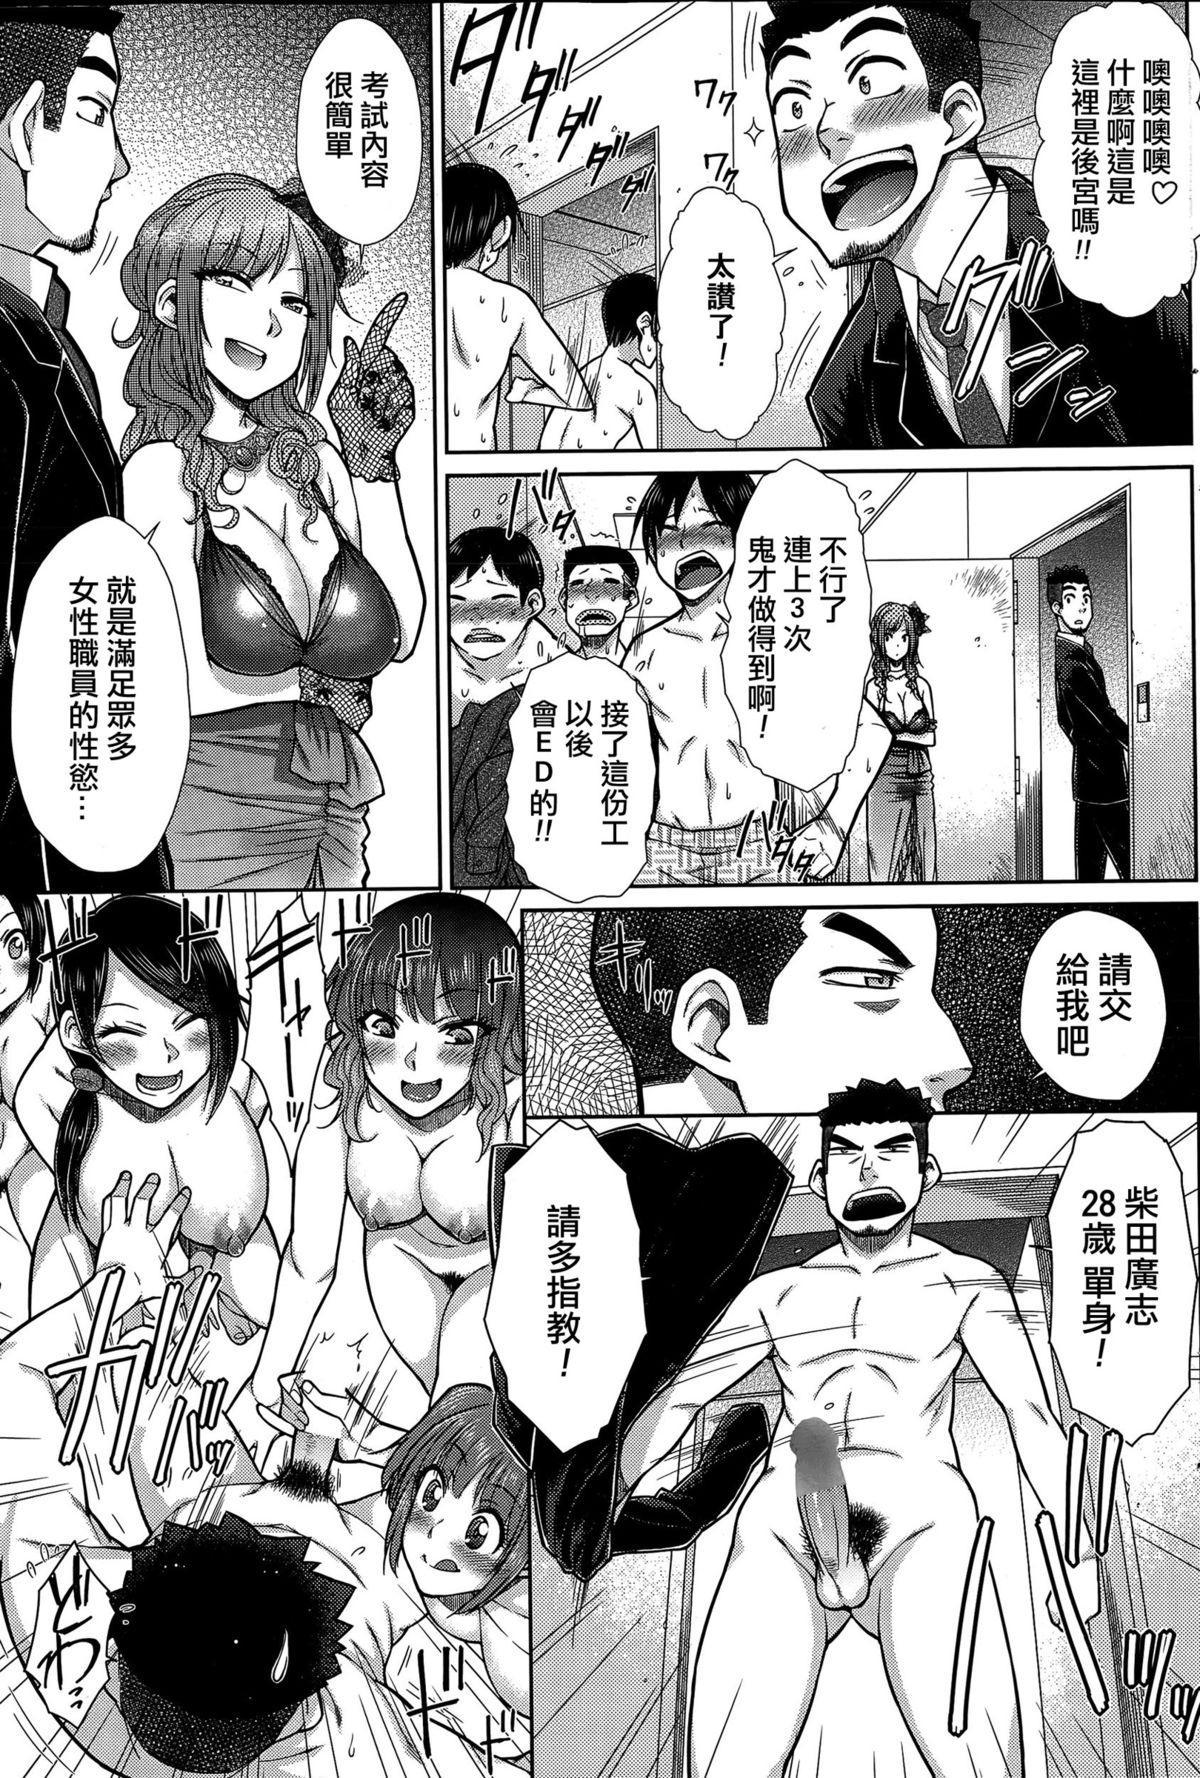 Zetsurin Danshi no Harem Seikatsu Ch. 1-4 4